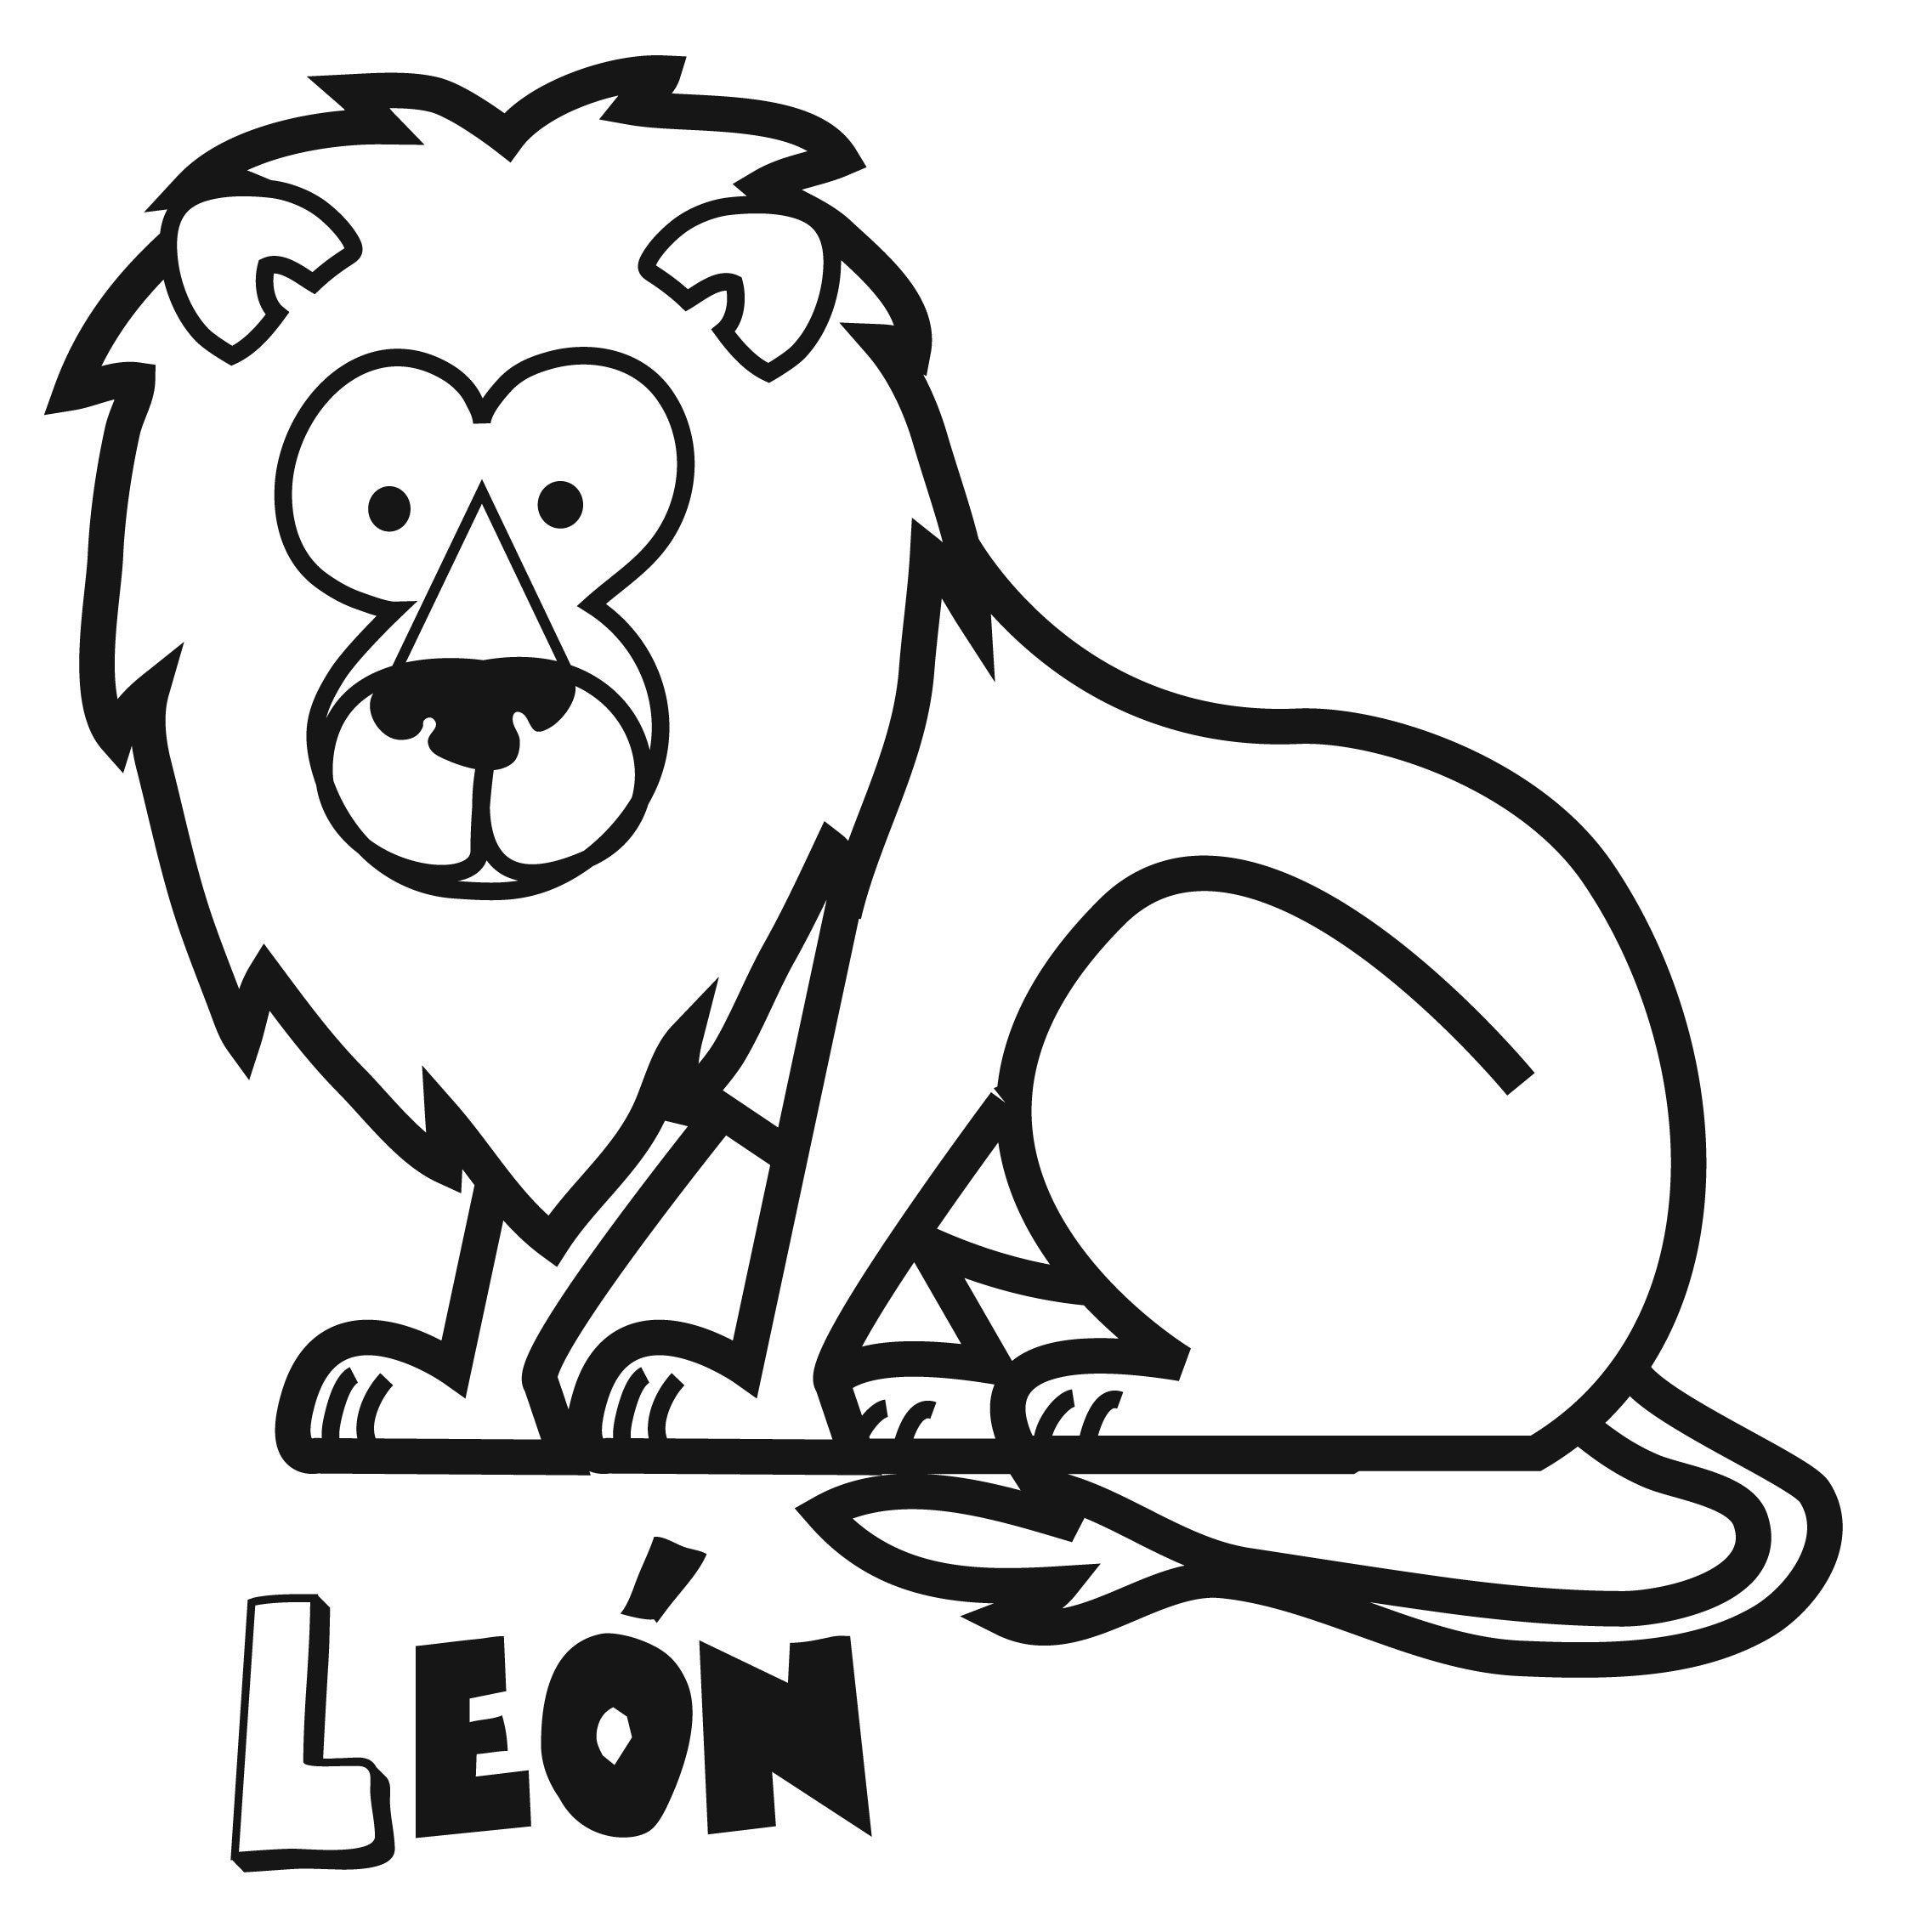 Dibujos de león para imprimir y colorear. Dibujos de animales